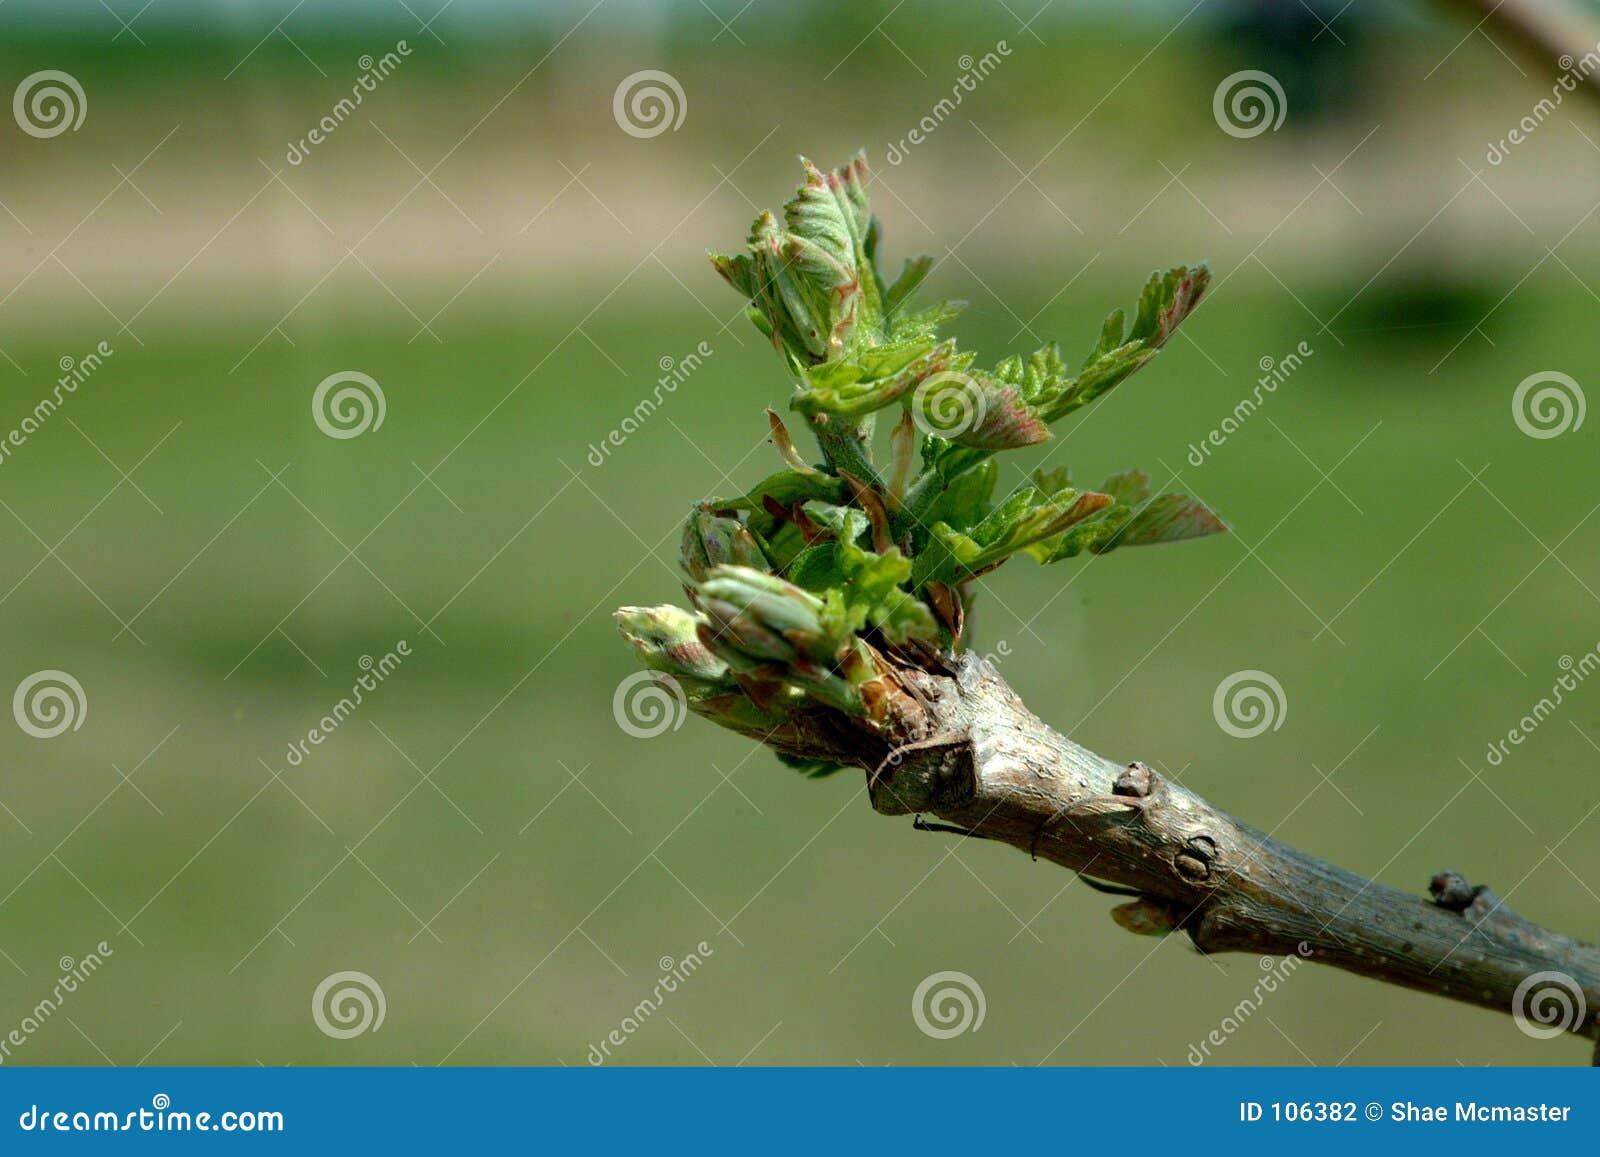 Natureza - começos novos